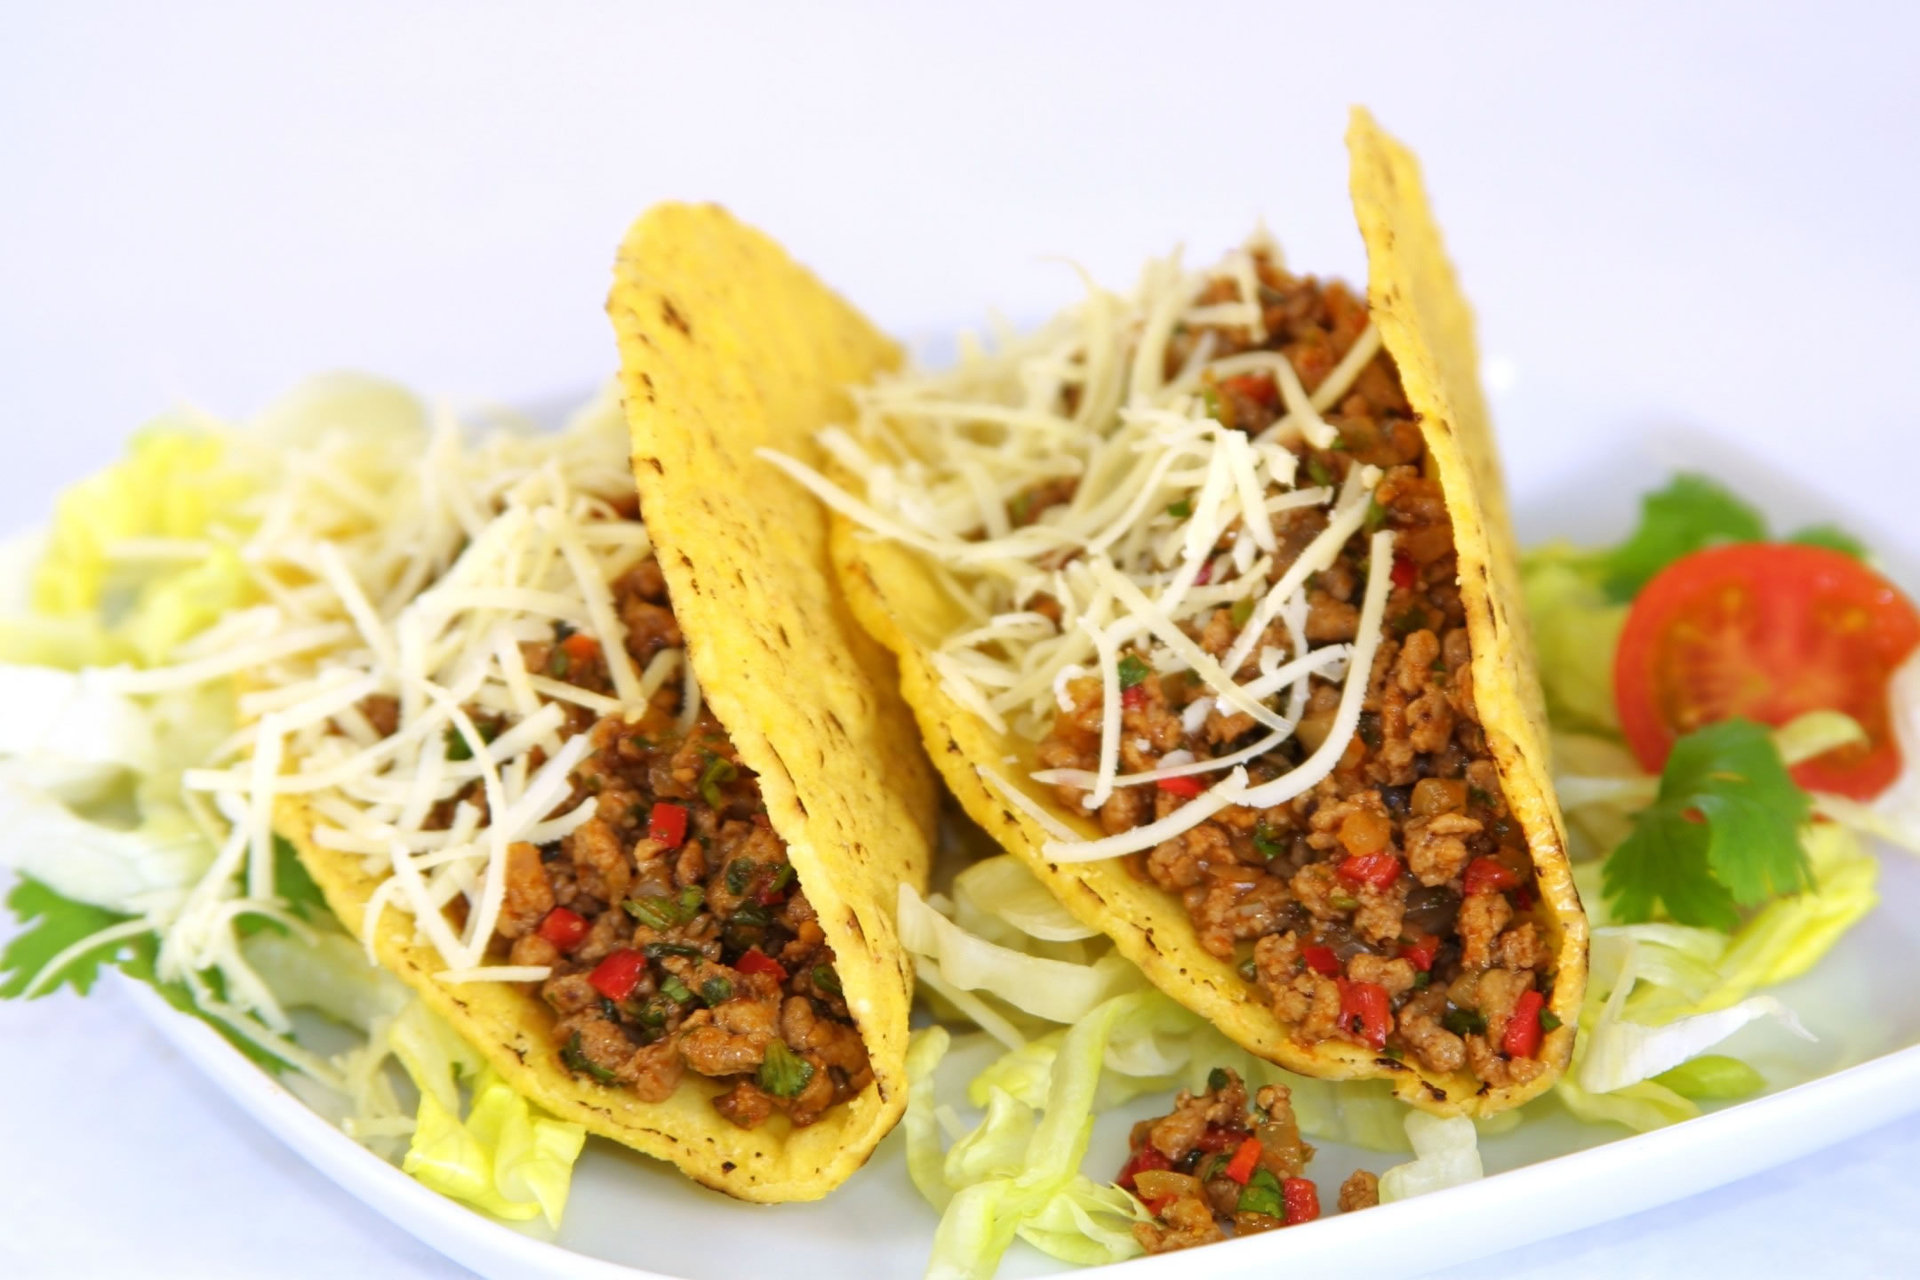 Cómo hacer tacos mexicanos en tu casa